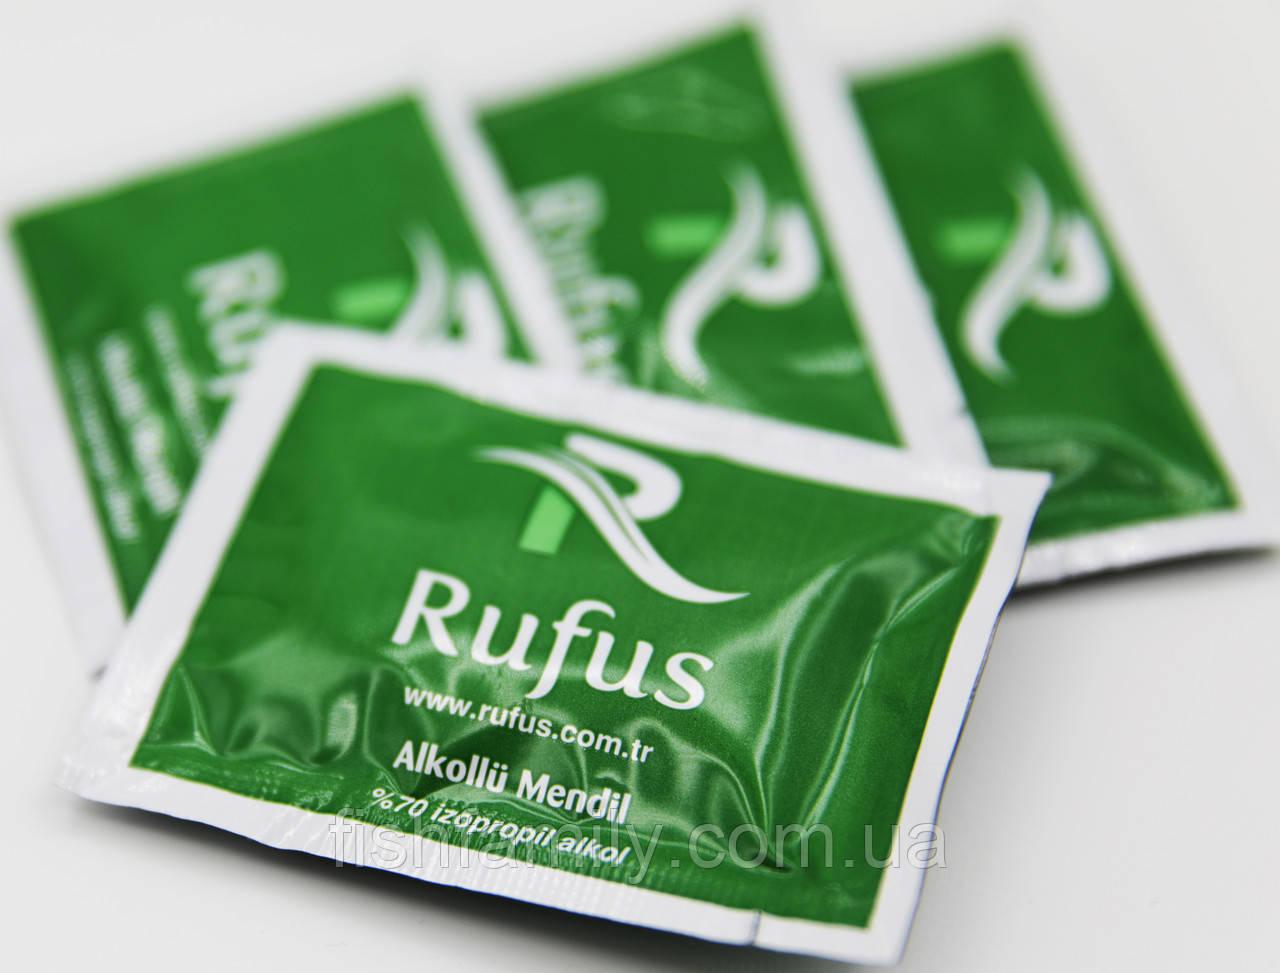 Салфетки Rufus 10шт